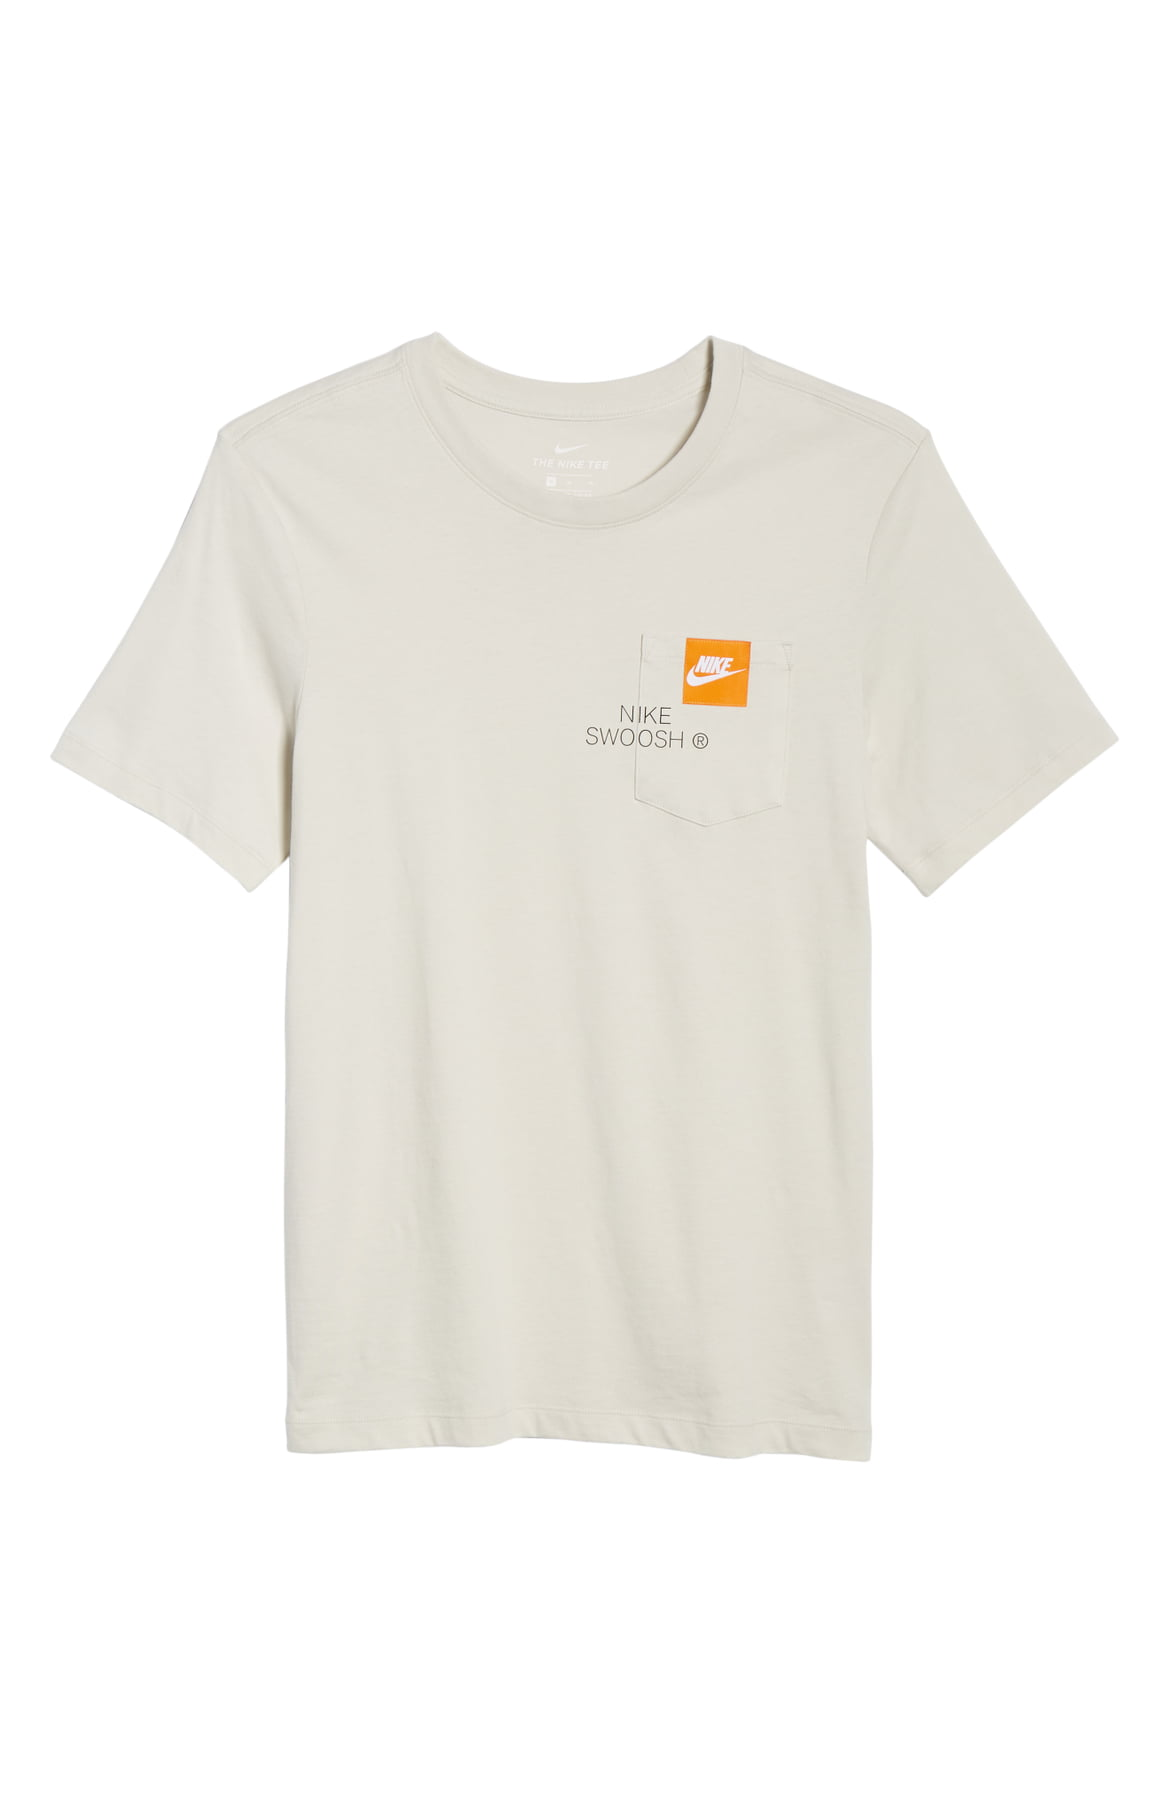 nike shirts on sale